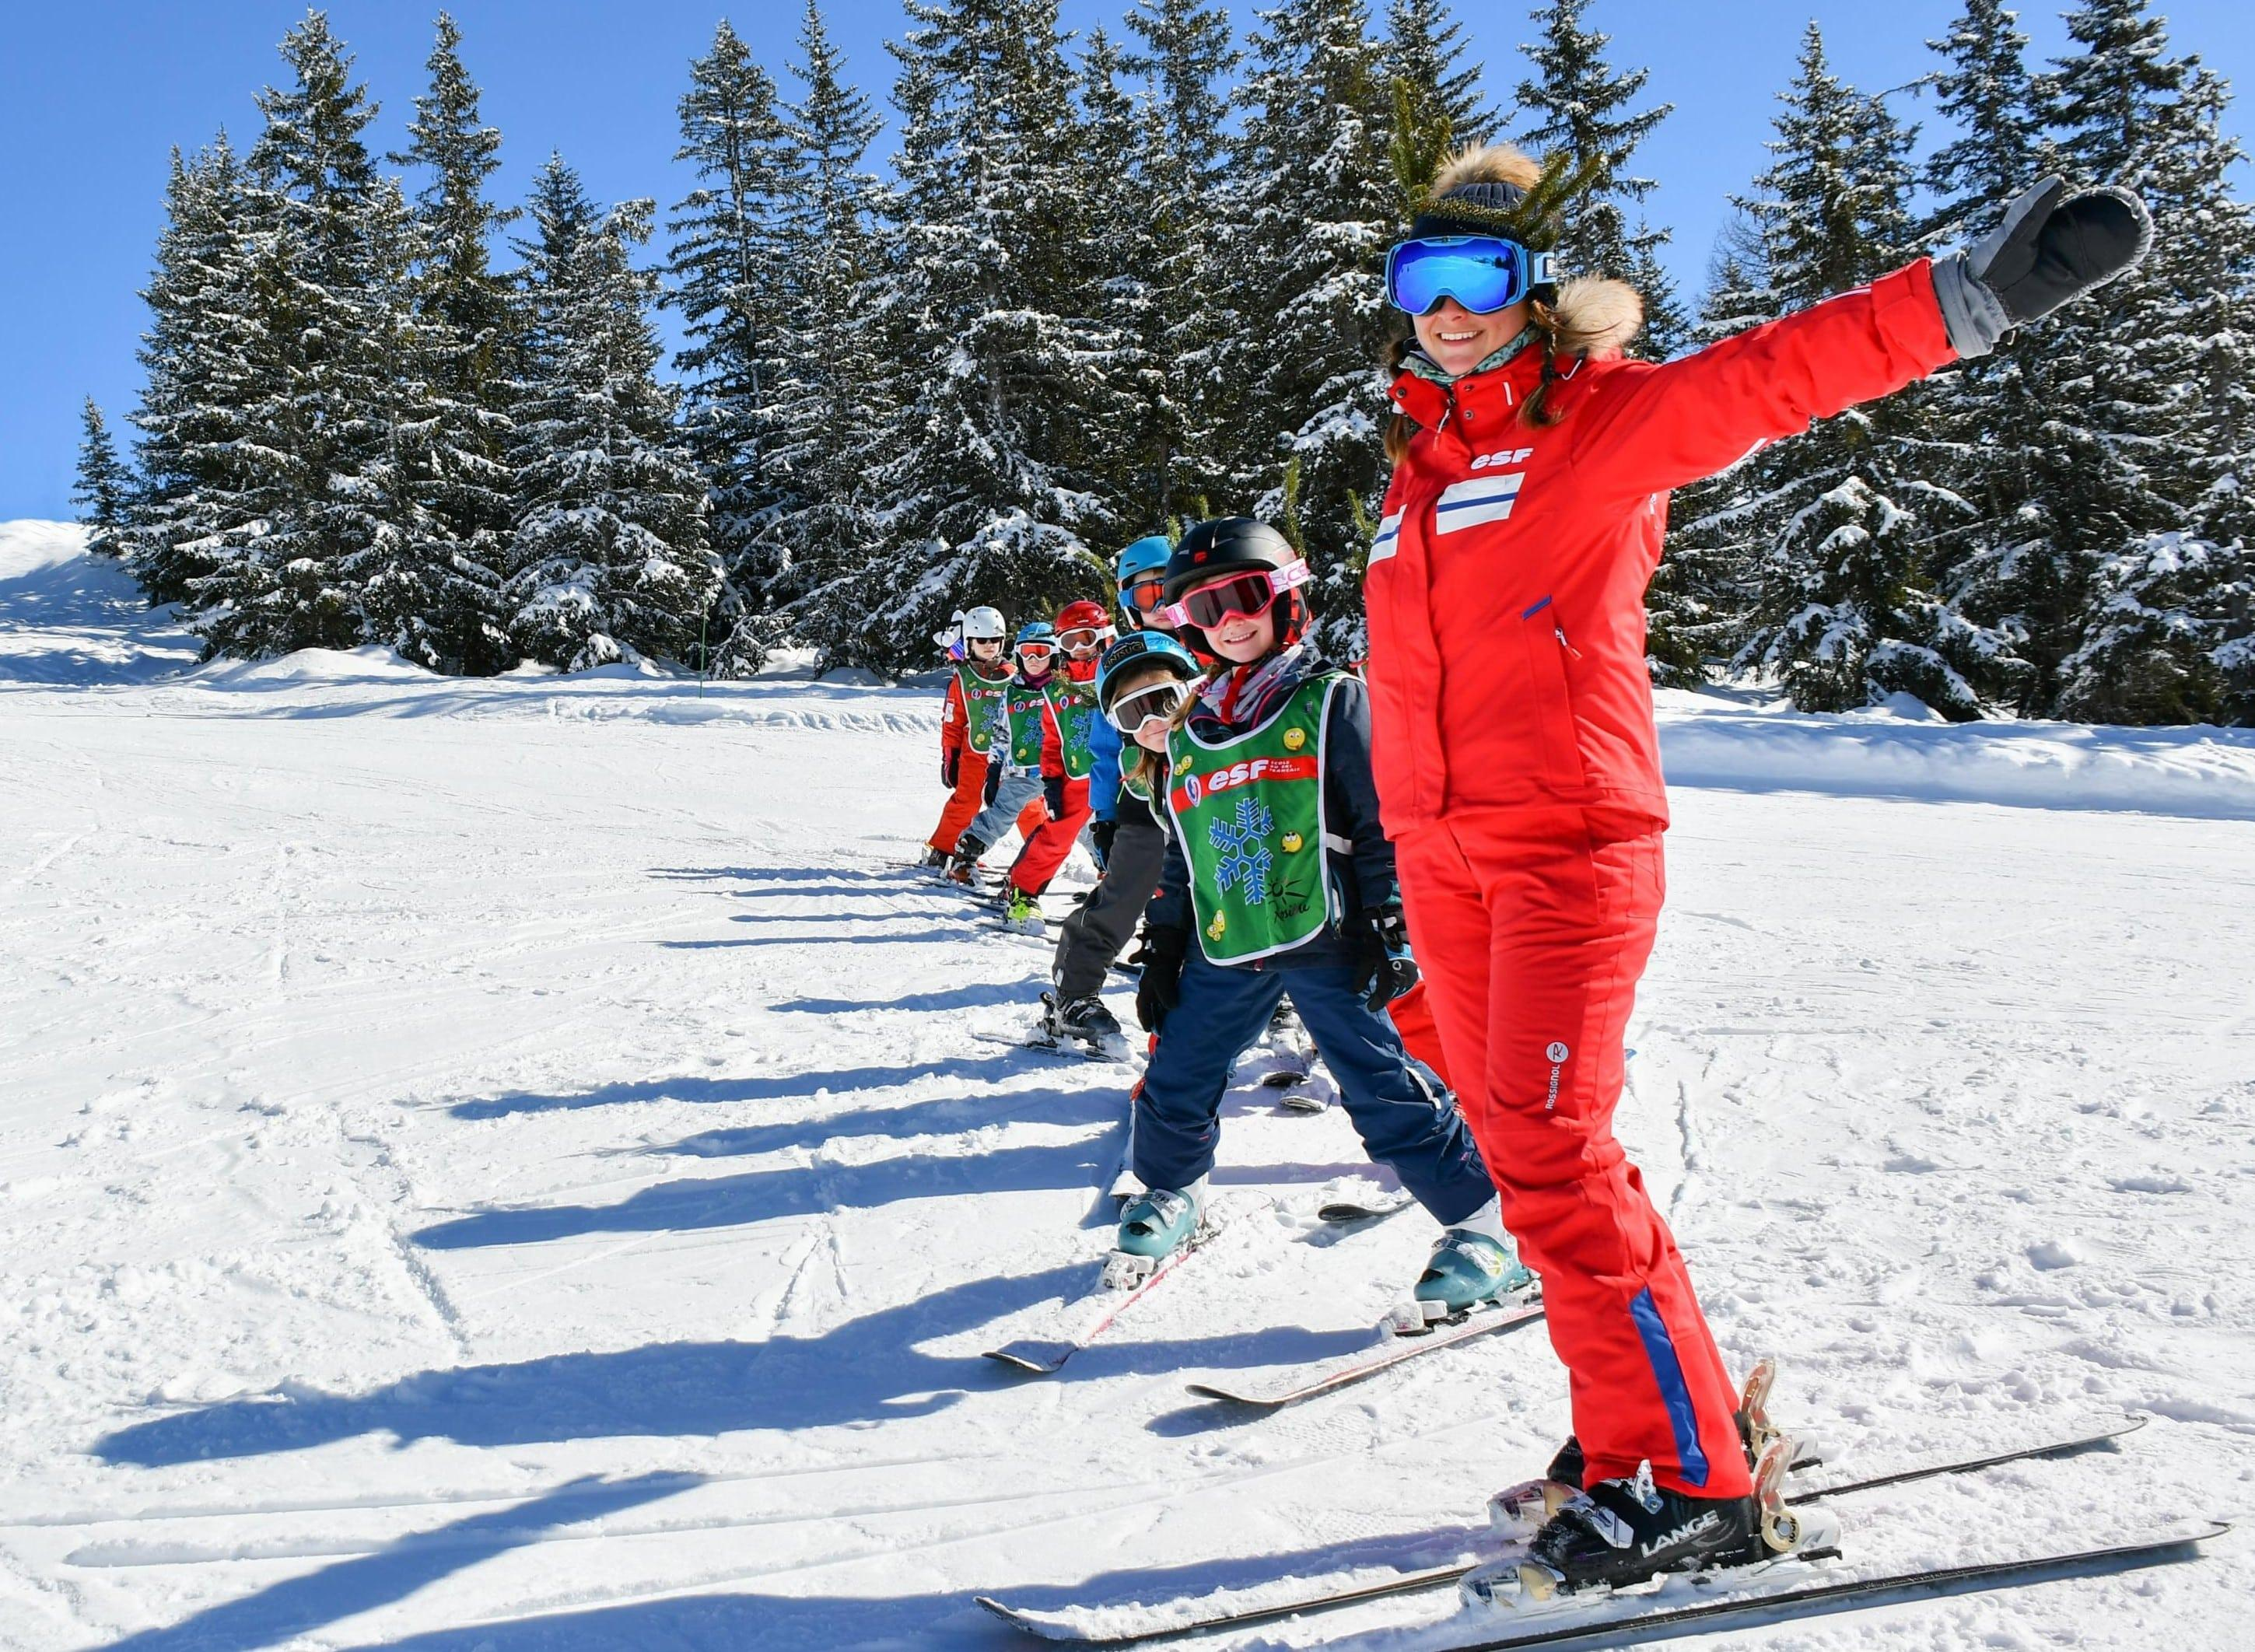 Cours de ski pour Enfants (5-13 ans) - Tous niveaux